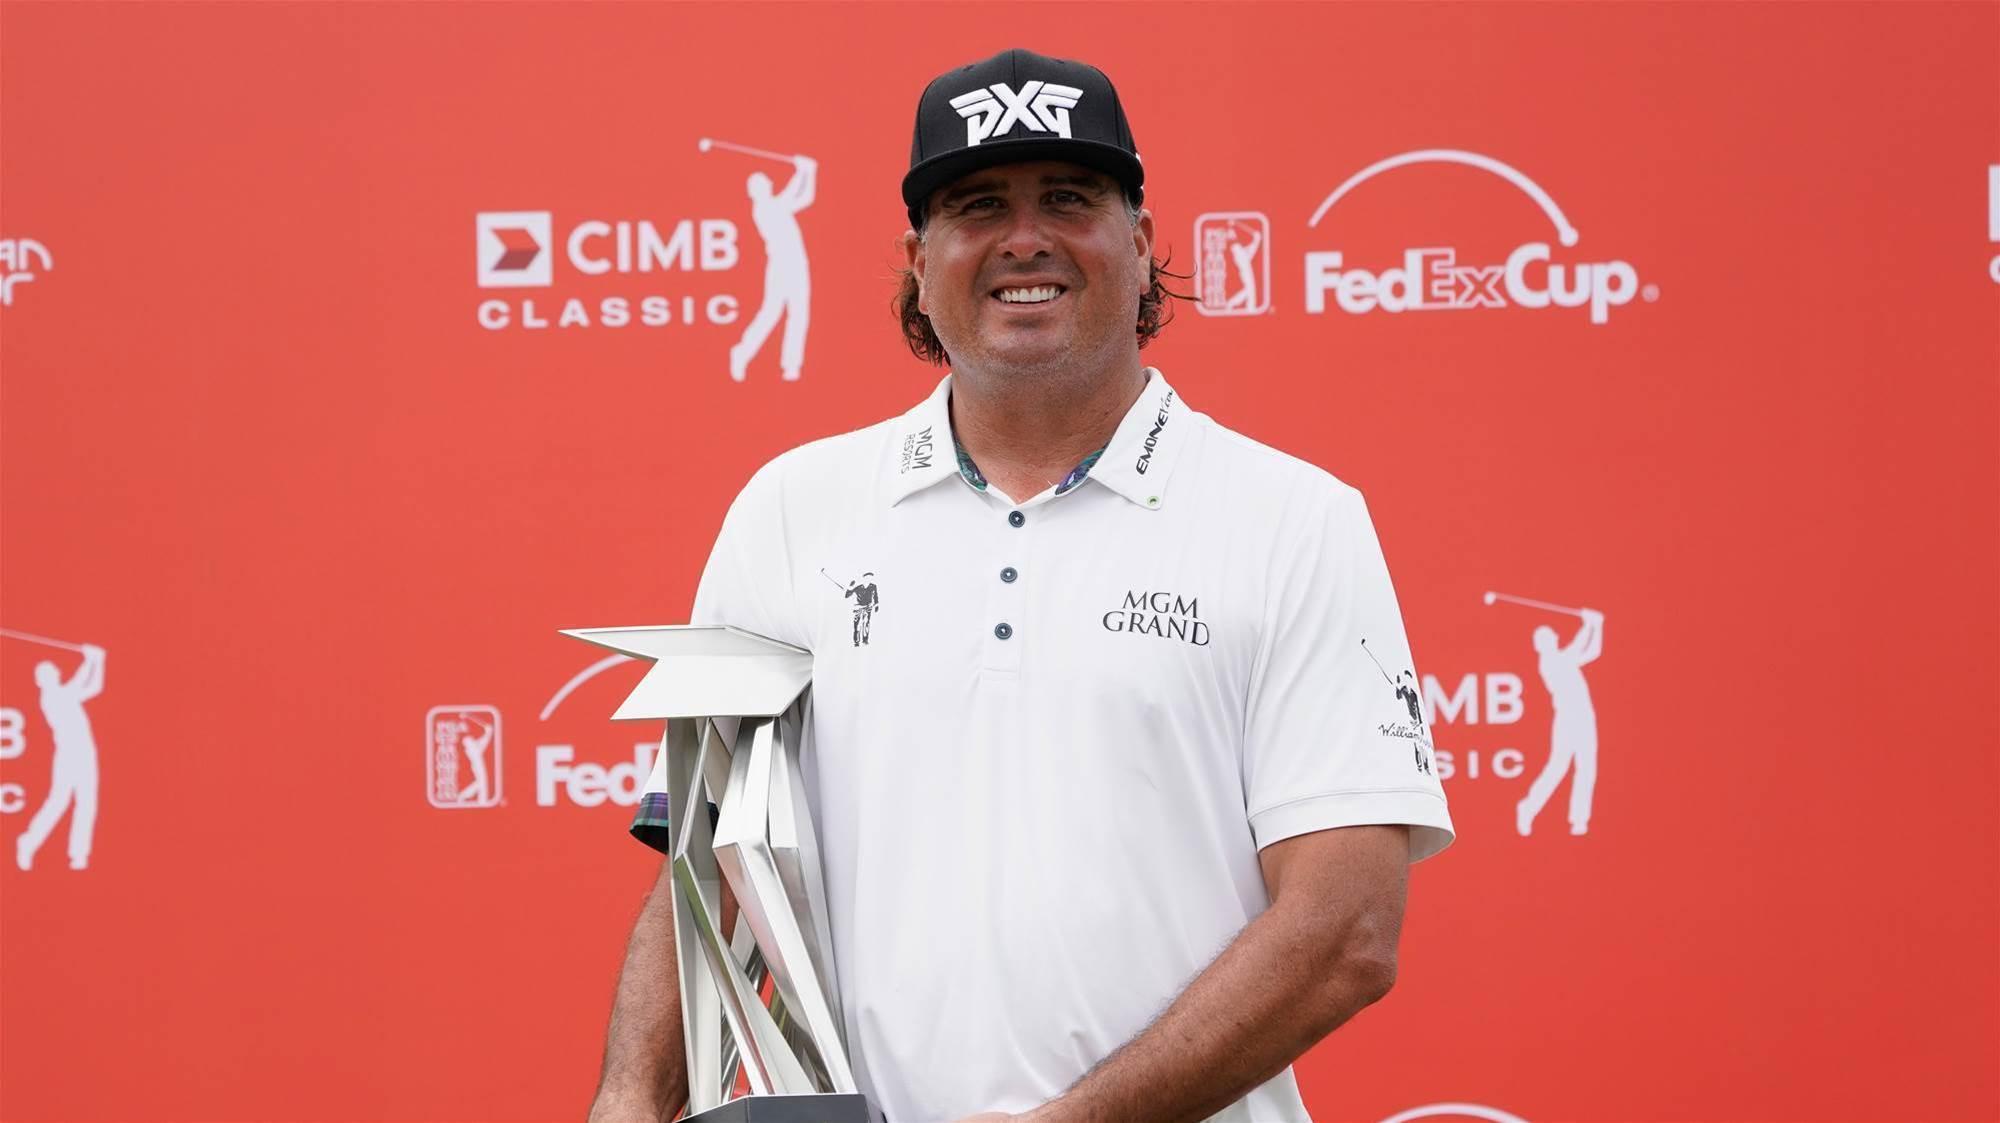 PGA Tour: Perez runs hot to claim CIMB Classic